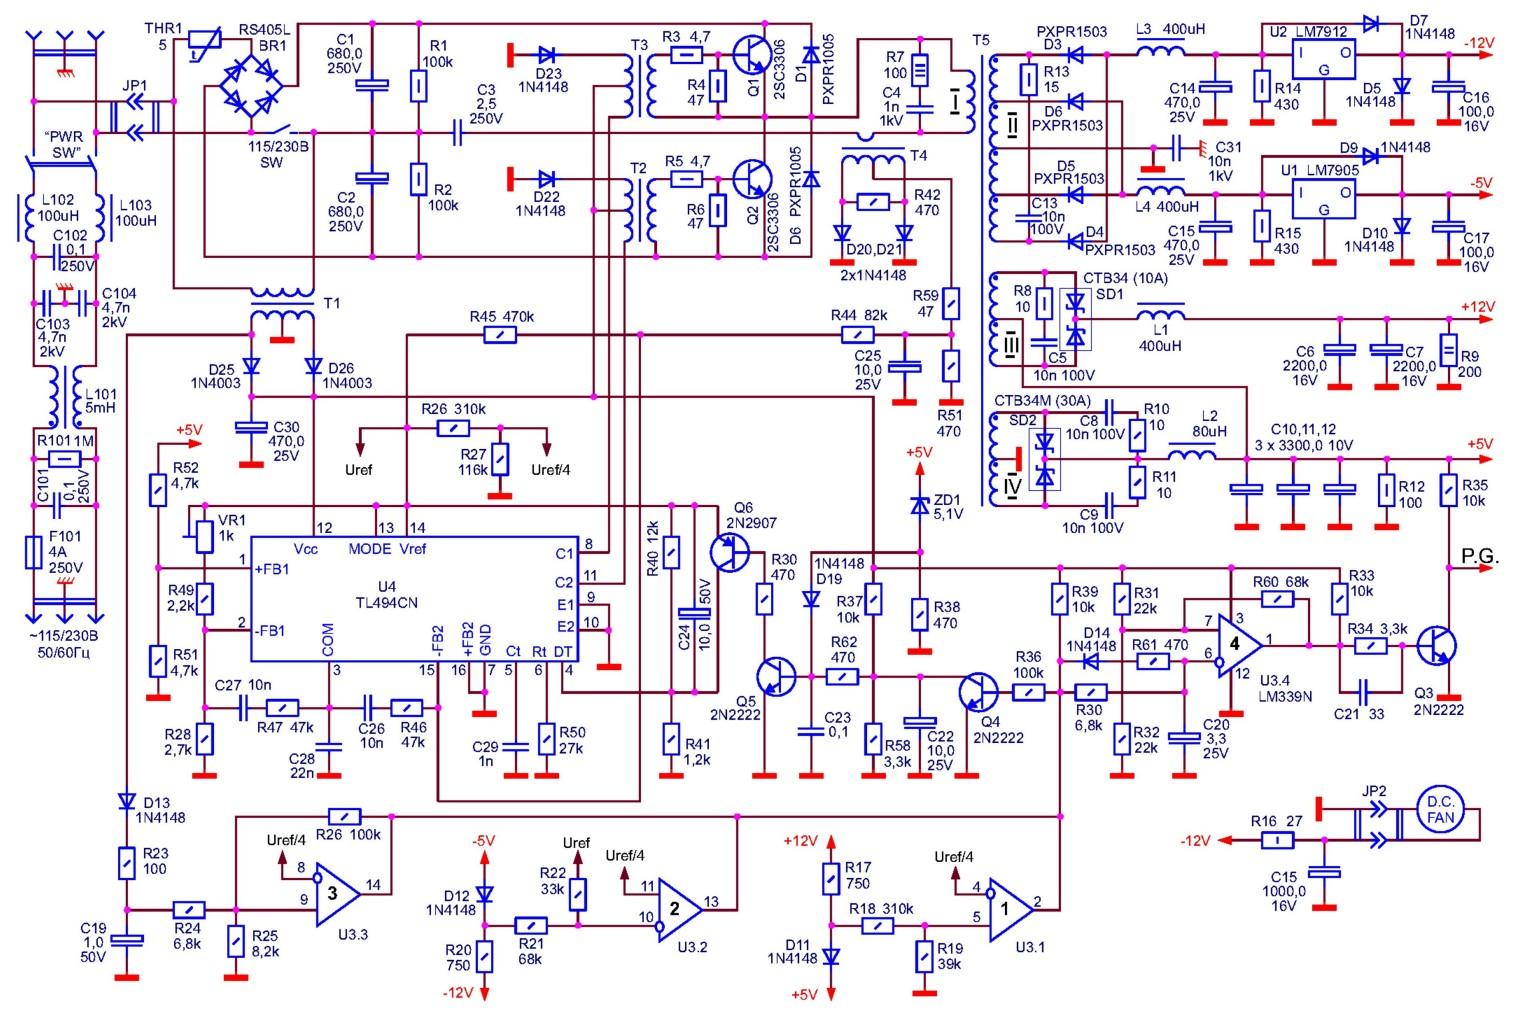 электрическая схема блока питания компьютера м атх 360w - Практическая схемотехника.